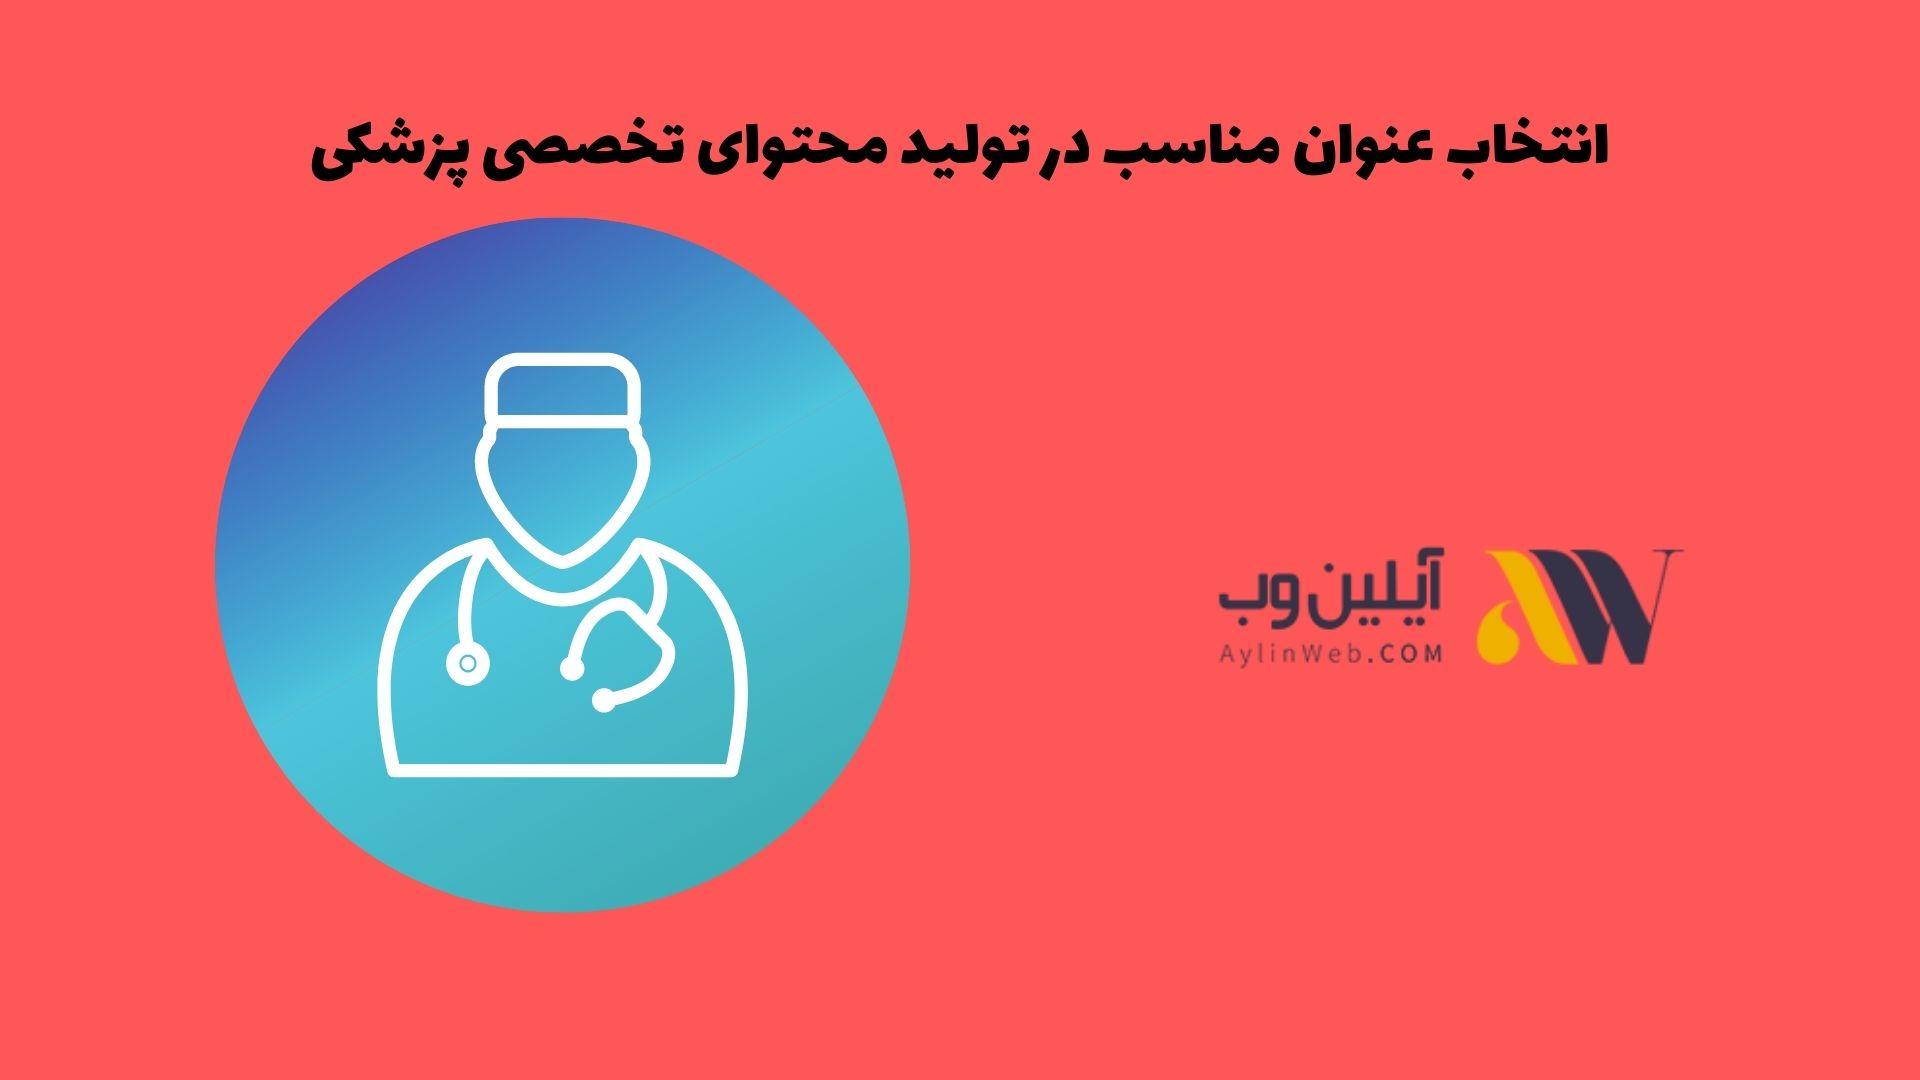 انتخاب عنوان مناسب در تولید محتوای تخصصی پزشکی